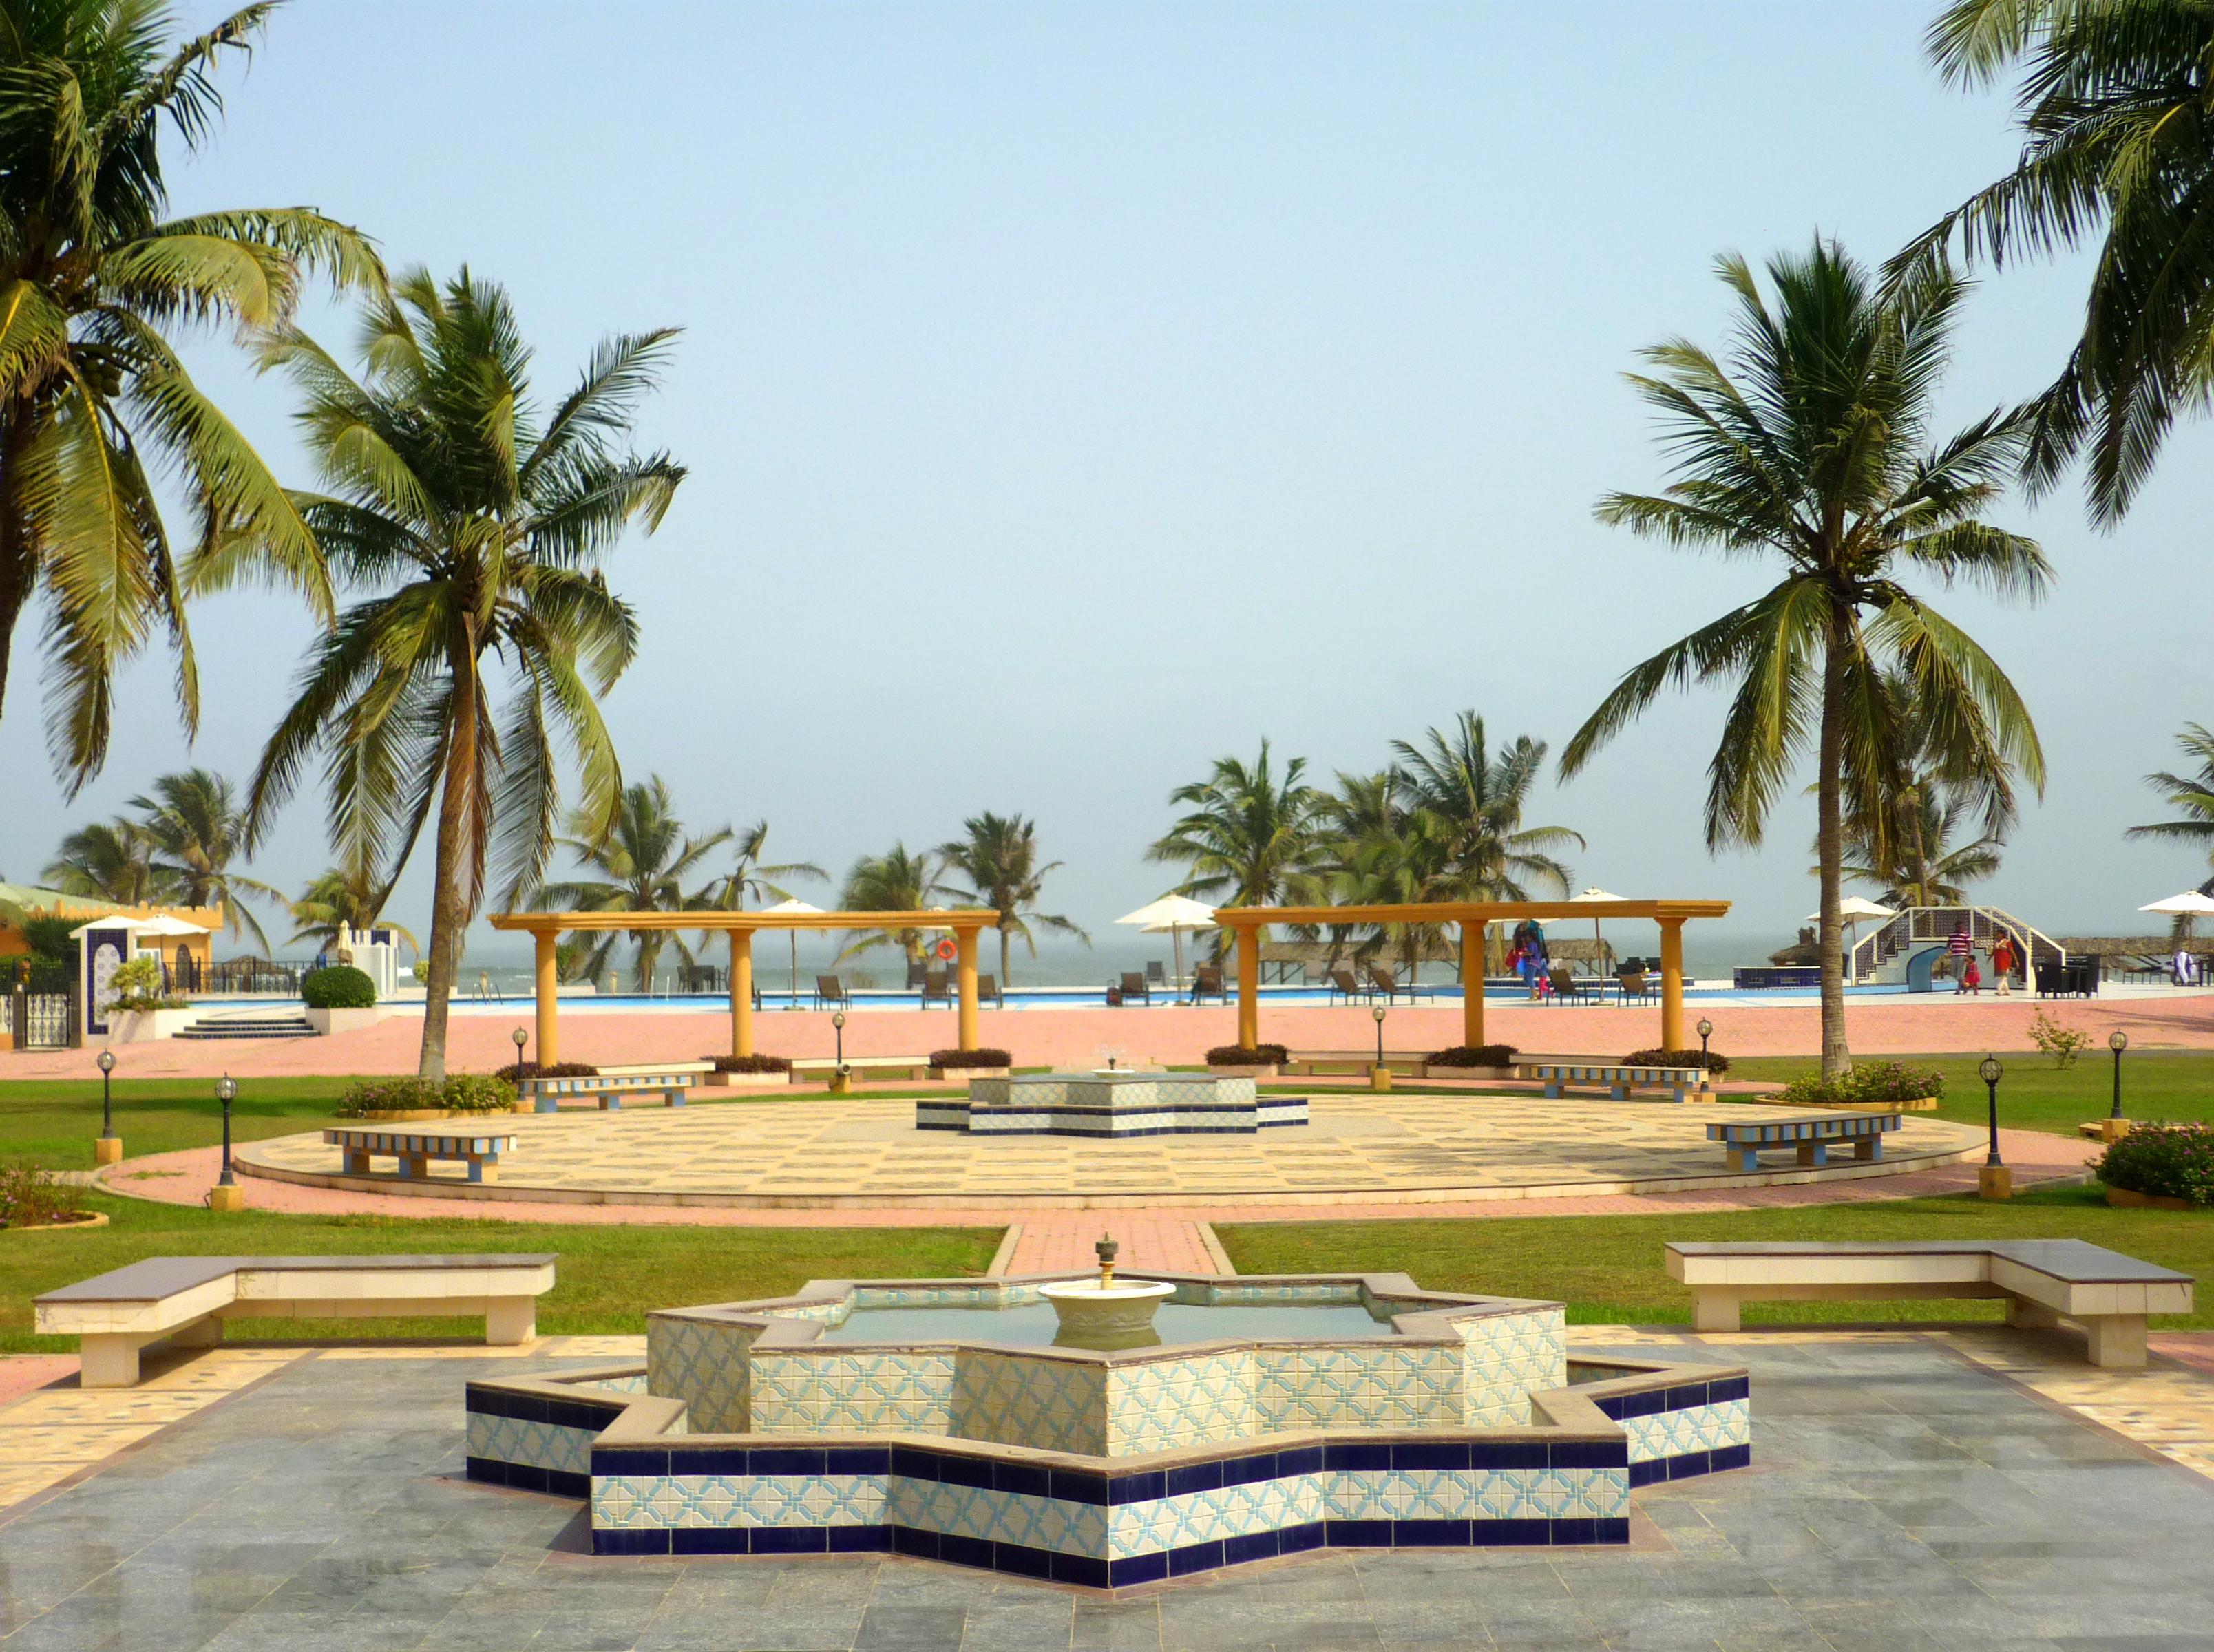 Samharam Tourist Village, Salalah